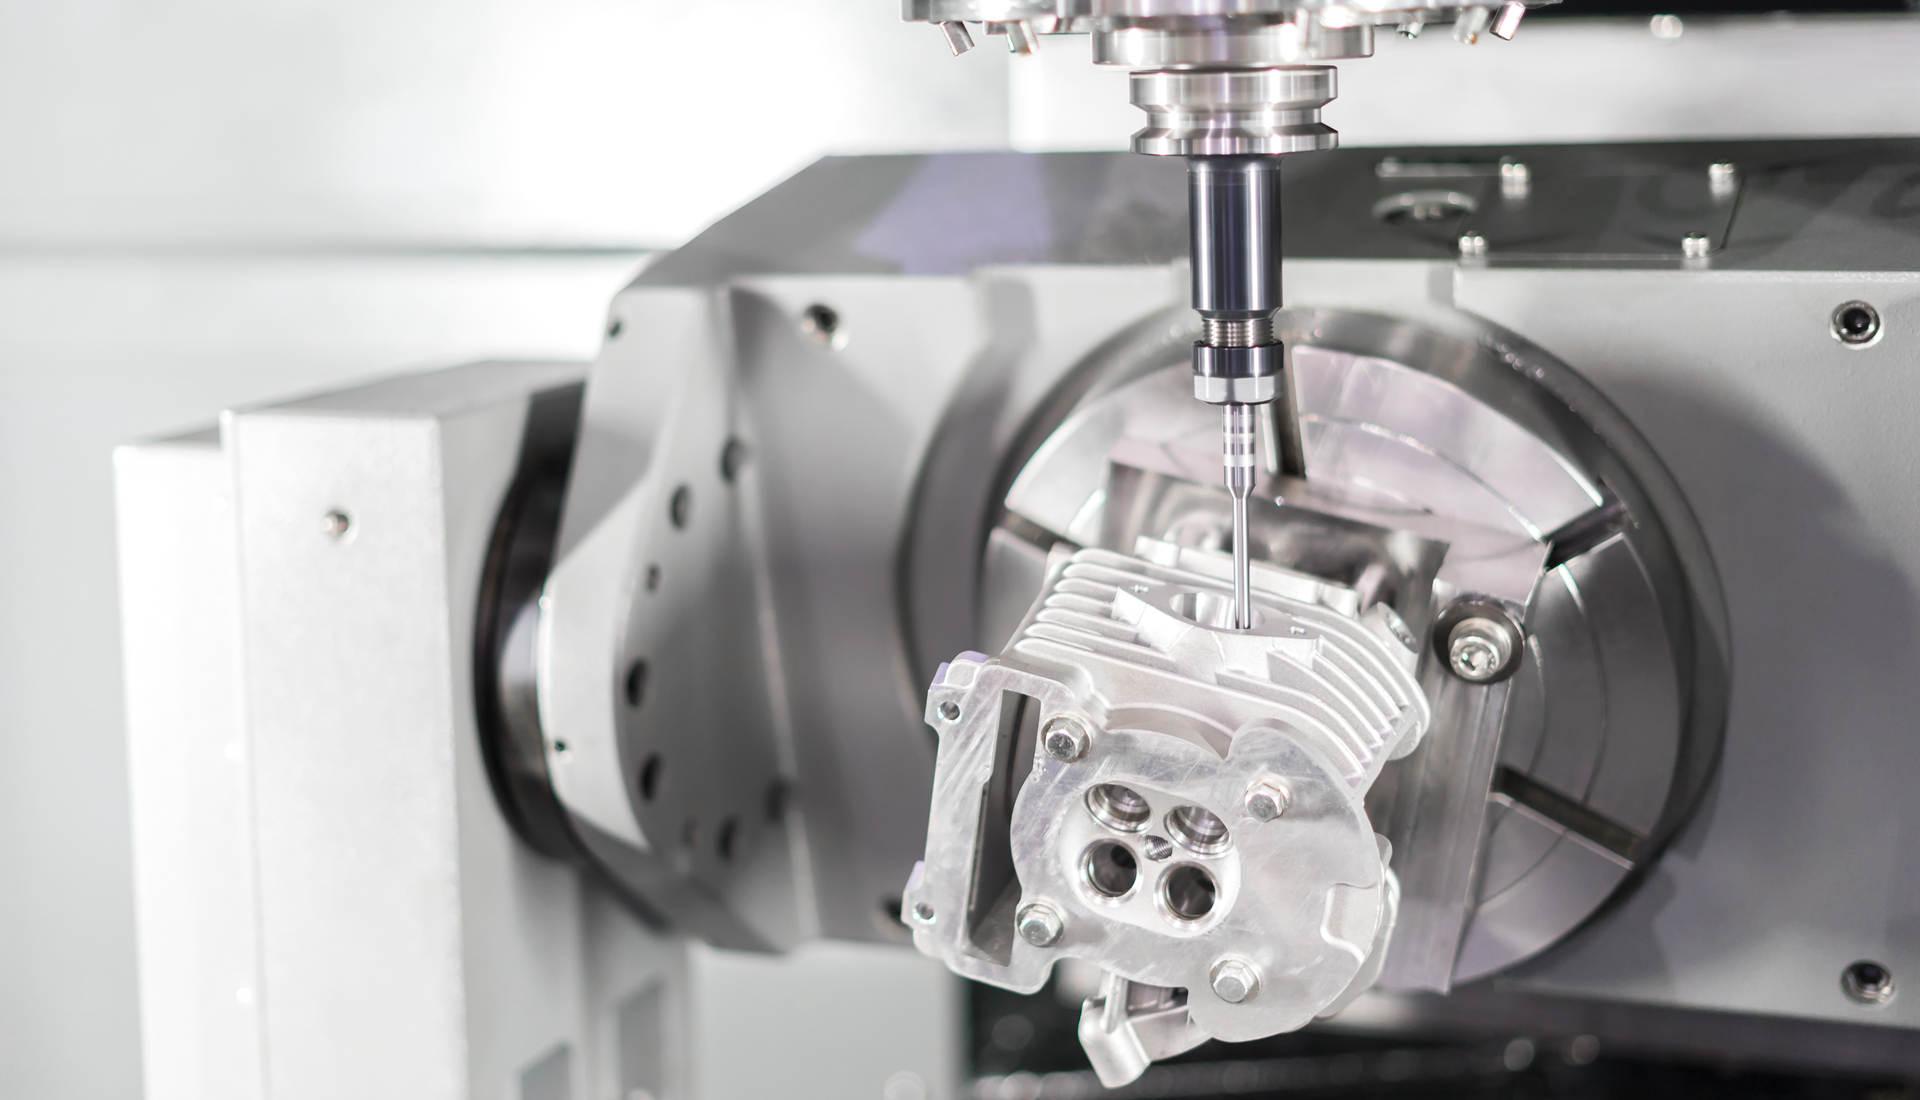 cnc aluminum-feature image